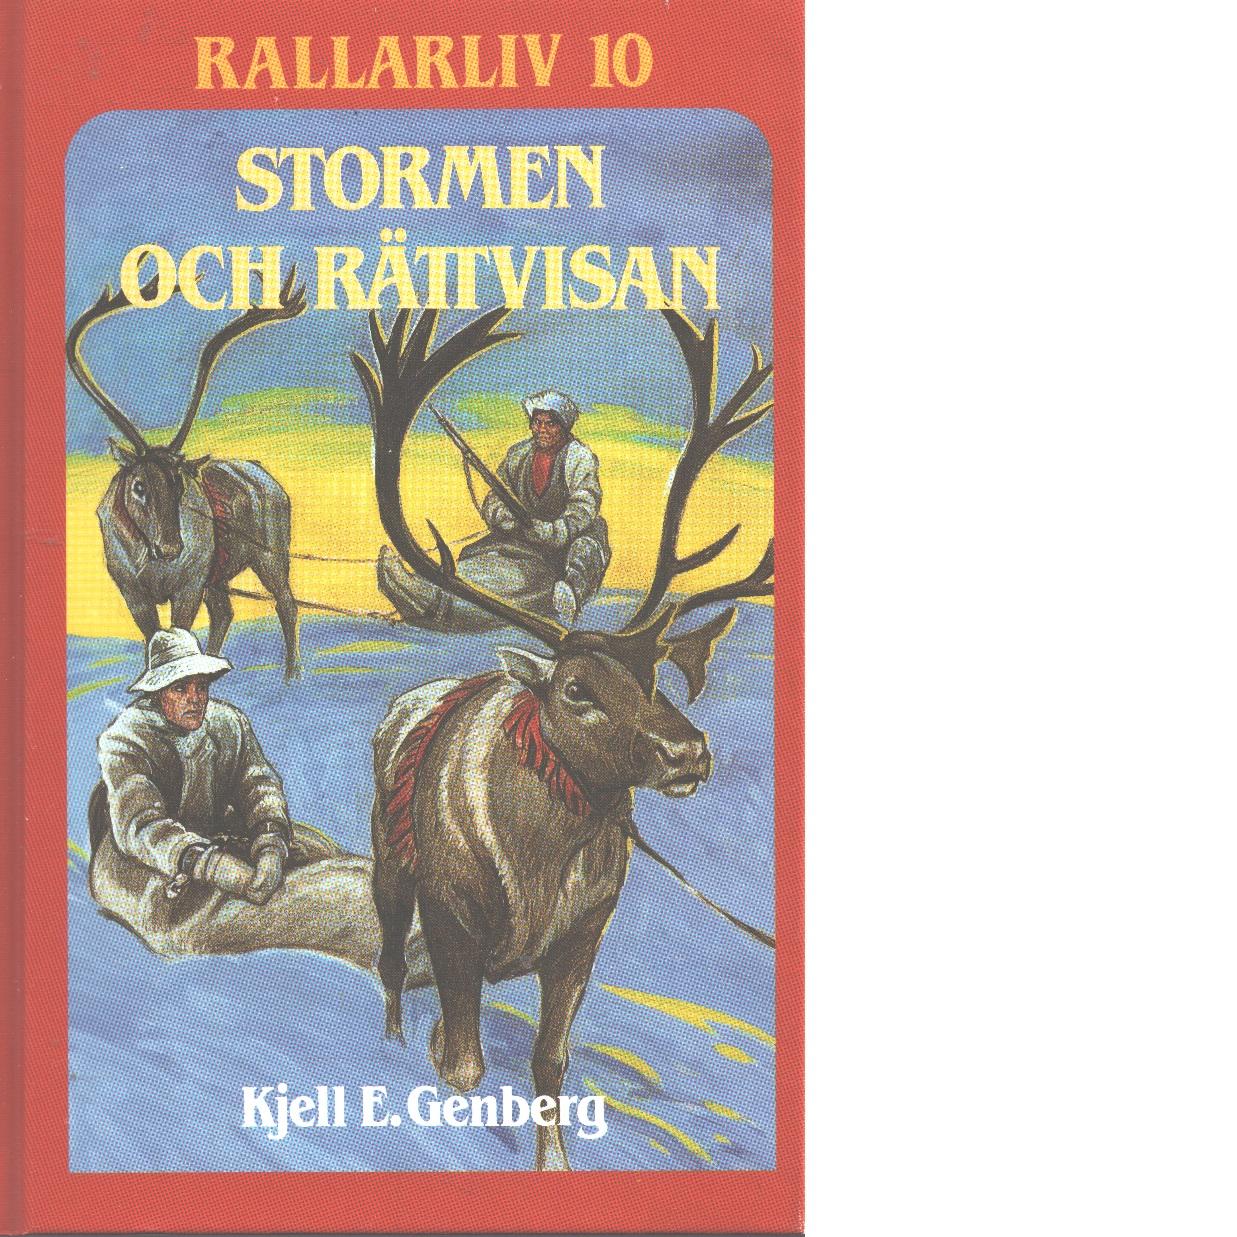 Rallarliv 10 : Stormen och rättvisan - Genberg, Kjell E.